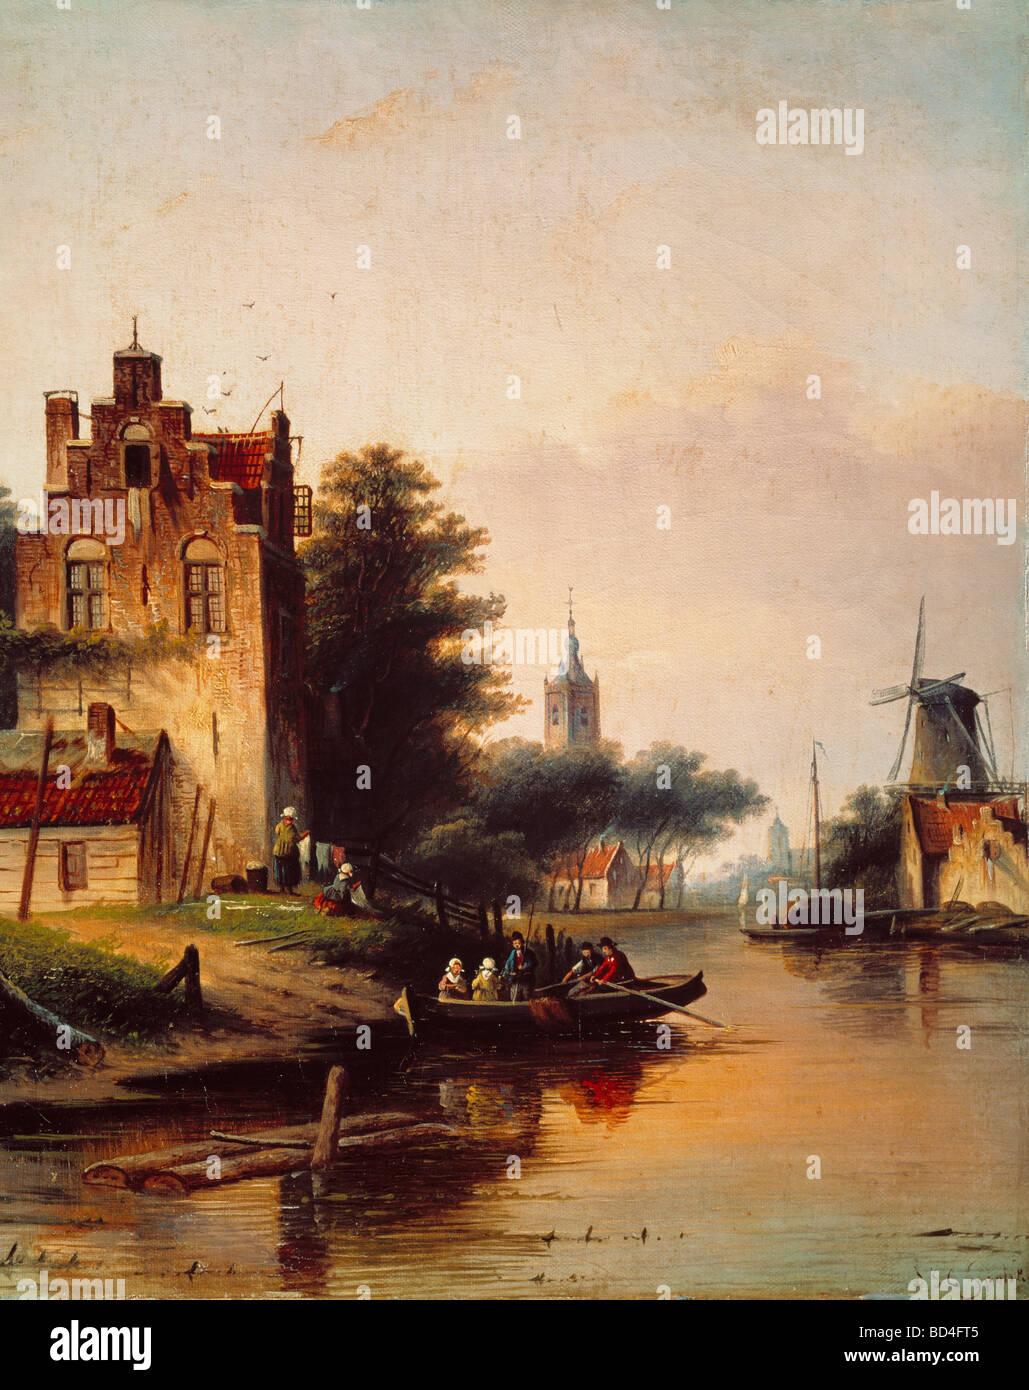 Bildende Kunst, Spohler, Jan Jacob (1811-1879), Malerei, Boot trip, Niederländisch, Schiff, Freizeit, romantisch, Stockbild